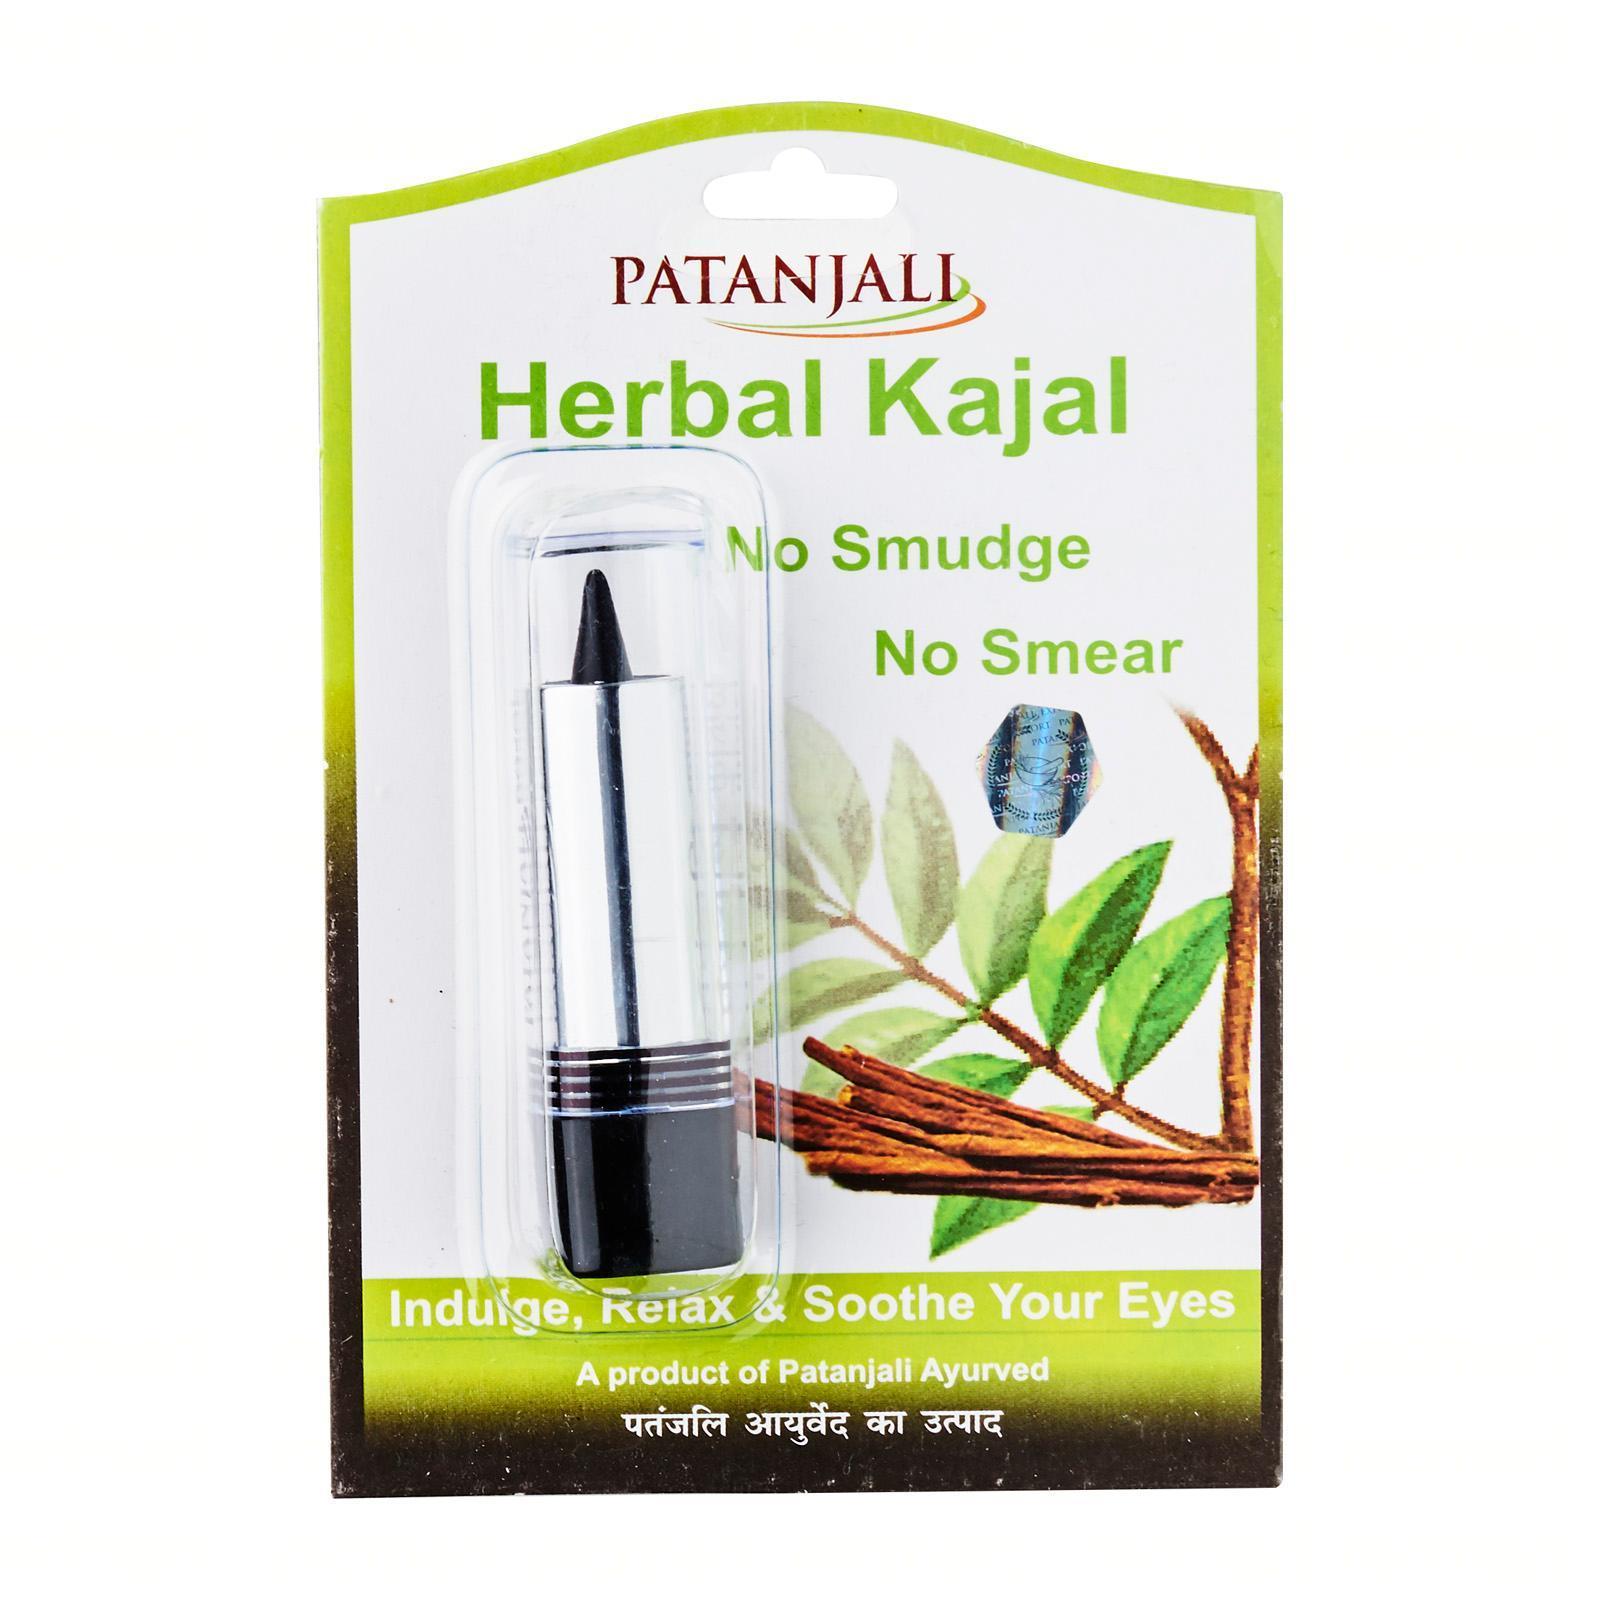 Patanjali Herbal Kajal - By Dashmesh